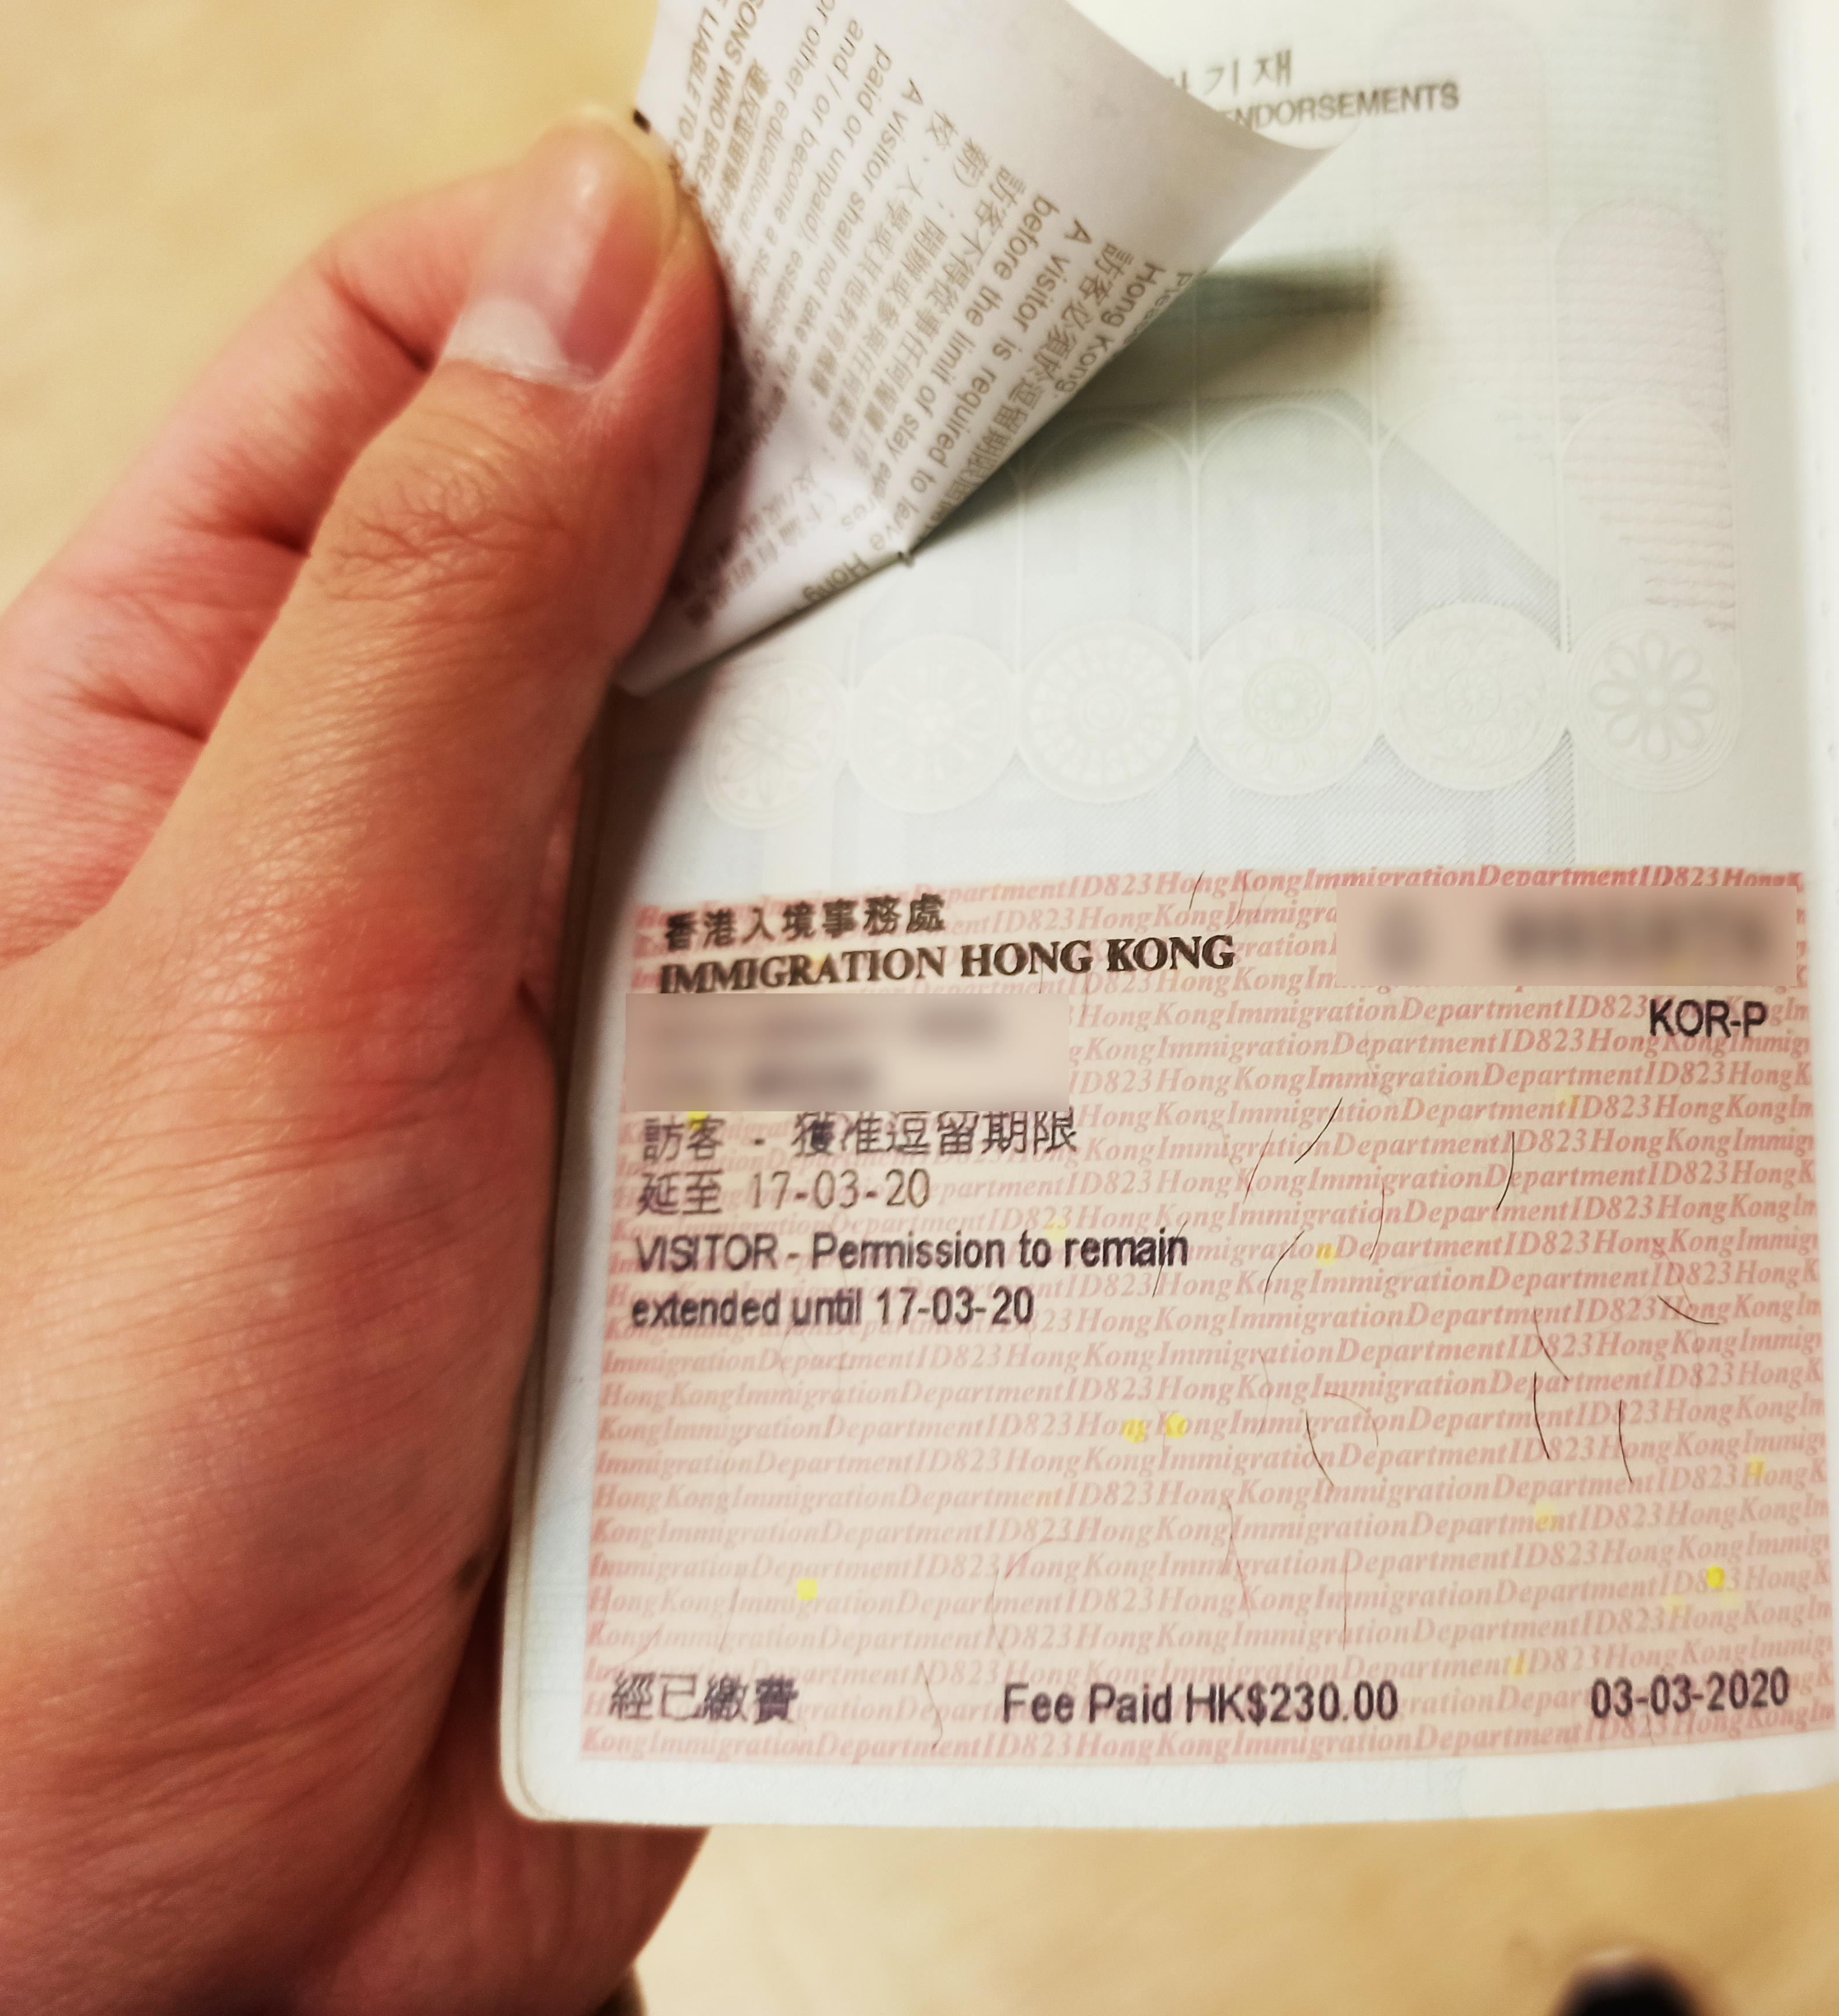 홍콩 비자 사증 예시